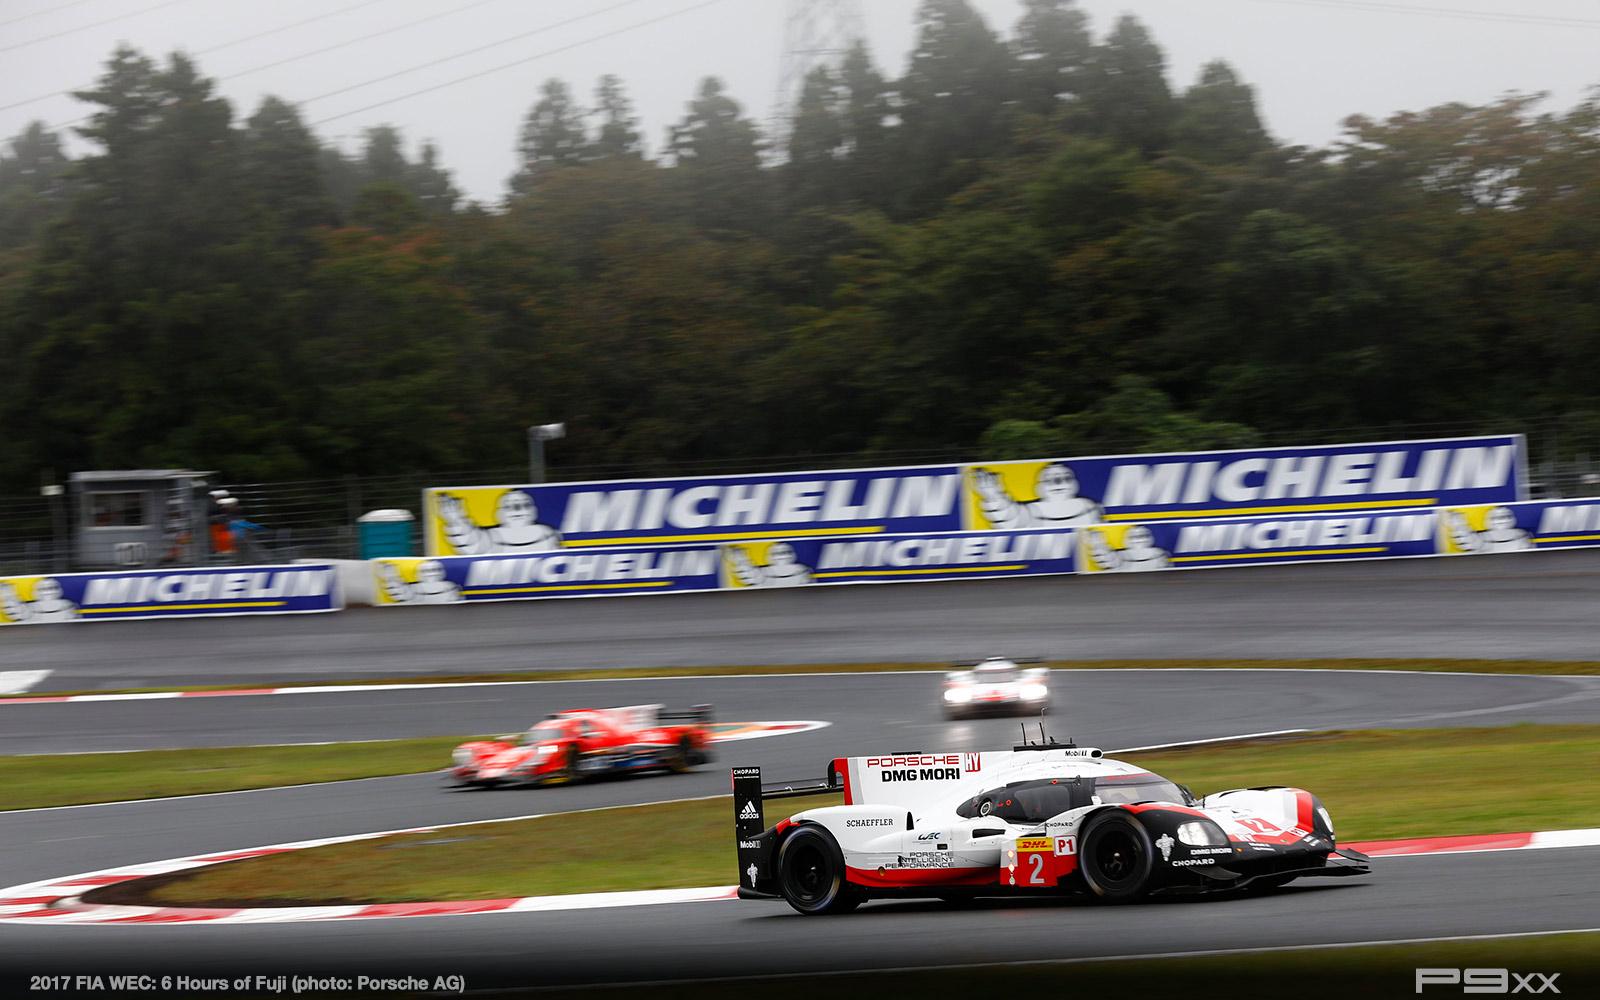 2017-FIA-WEC-6h-of-Fuji-Porsche-406